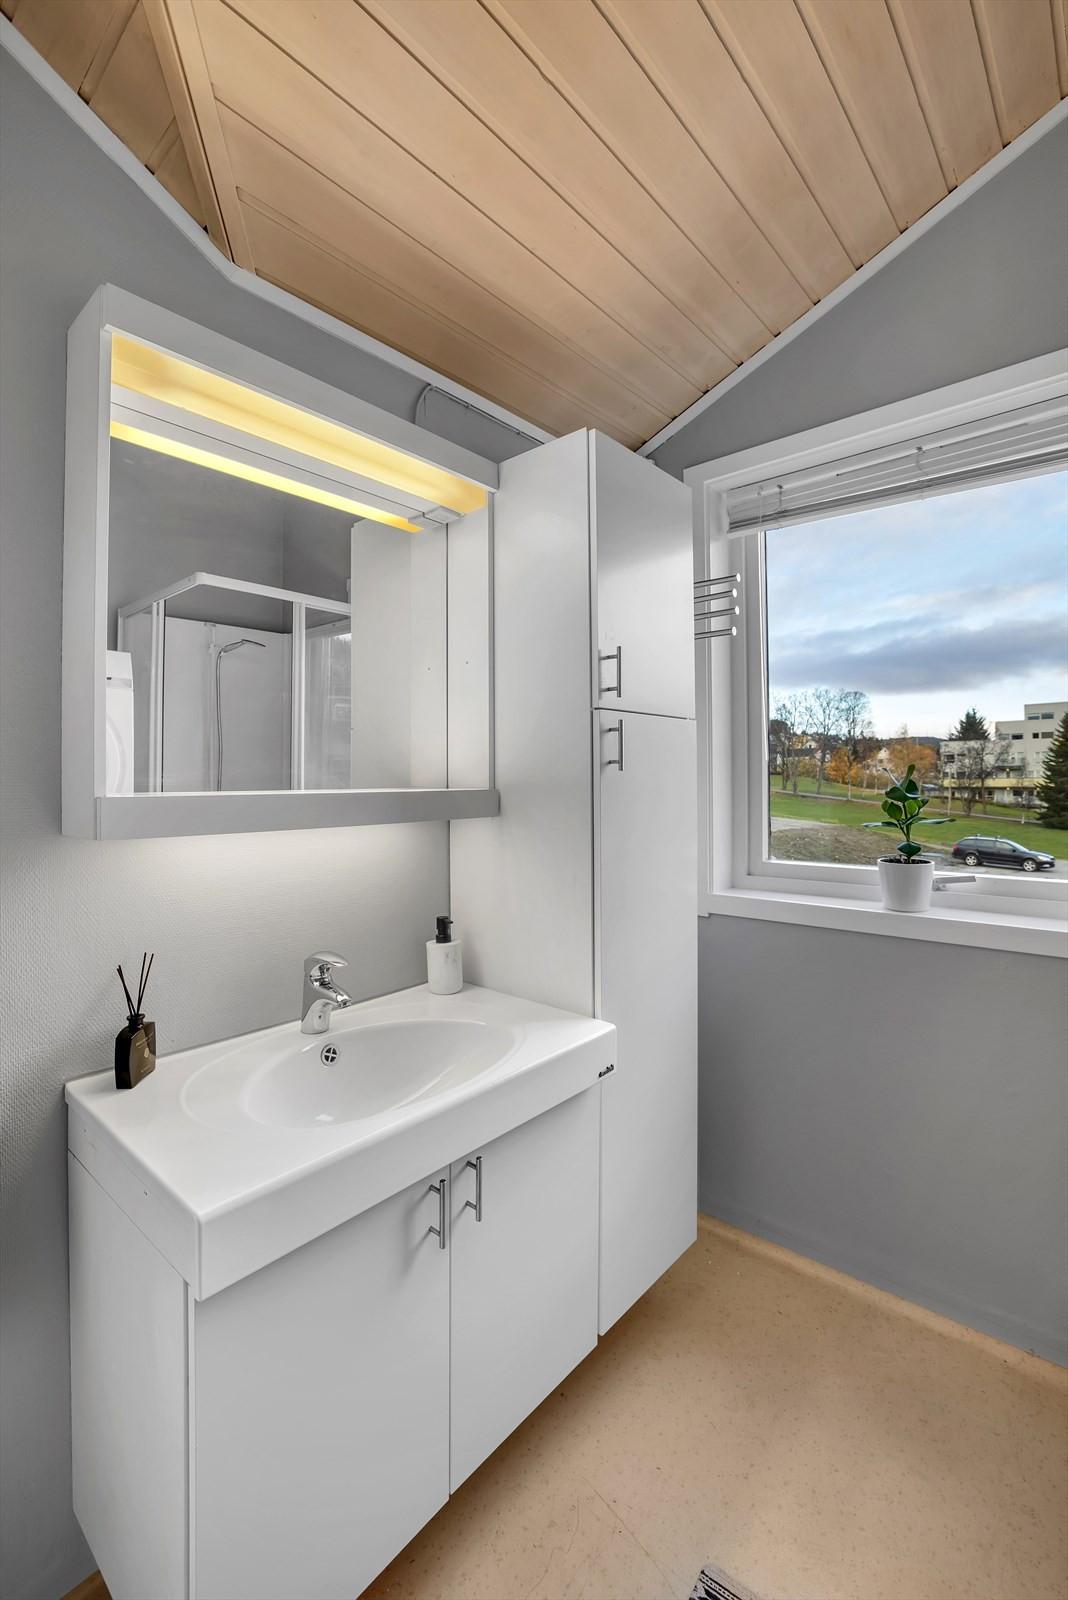 Badet ligger mellom kjøkken og soverom